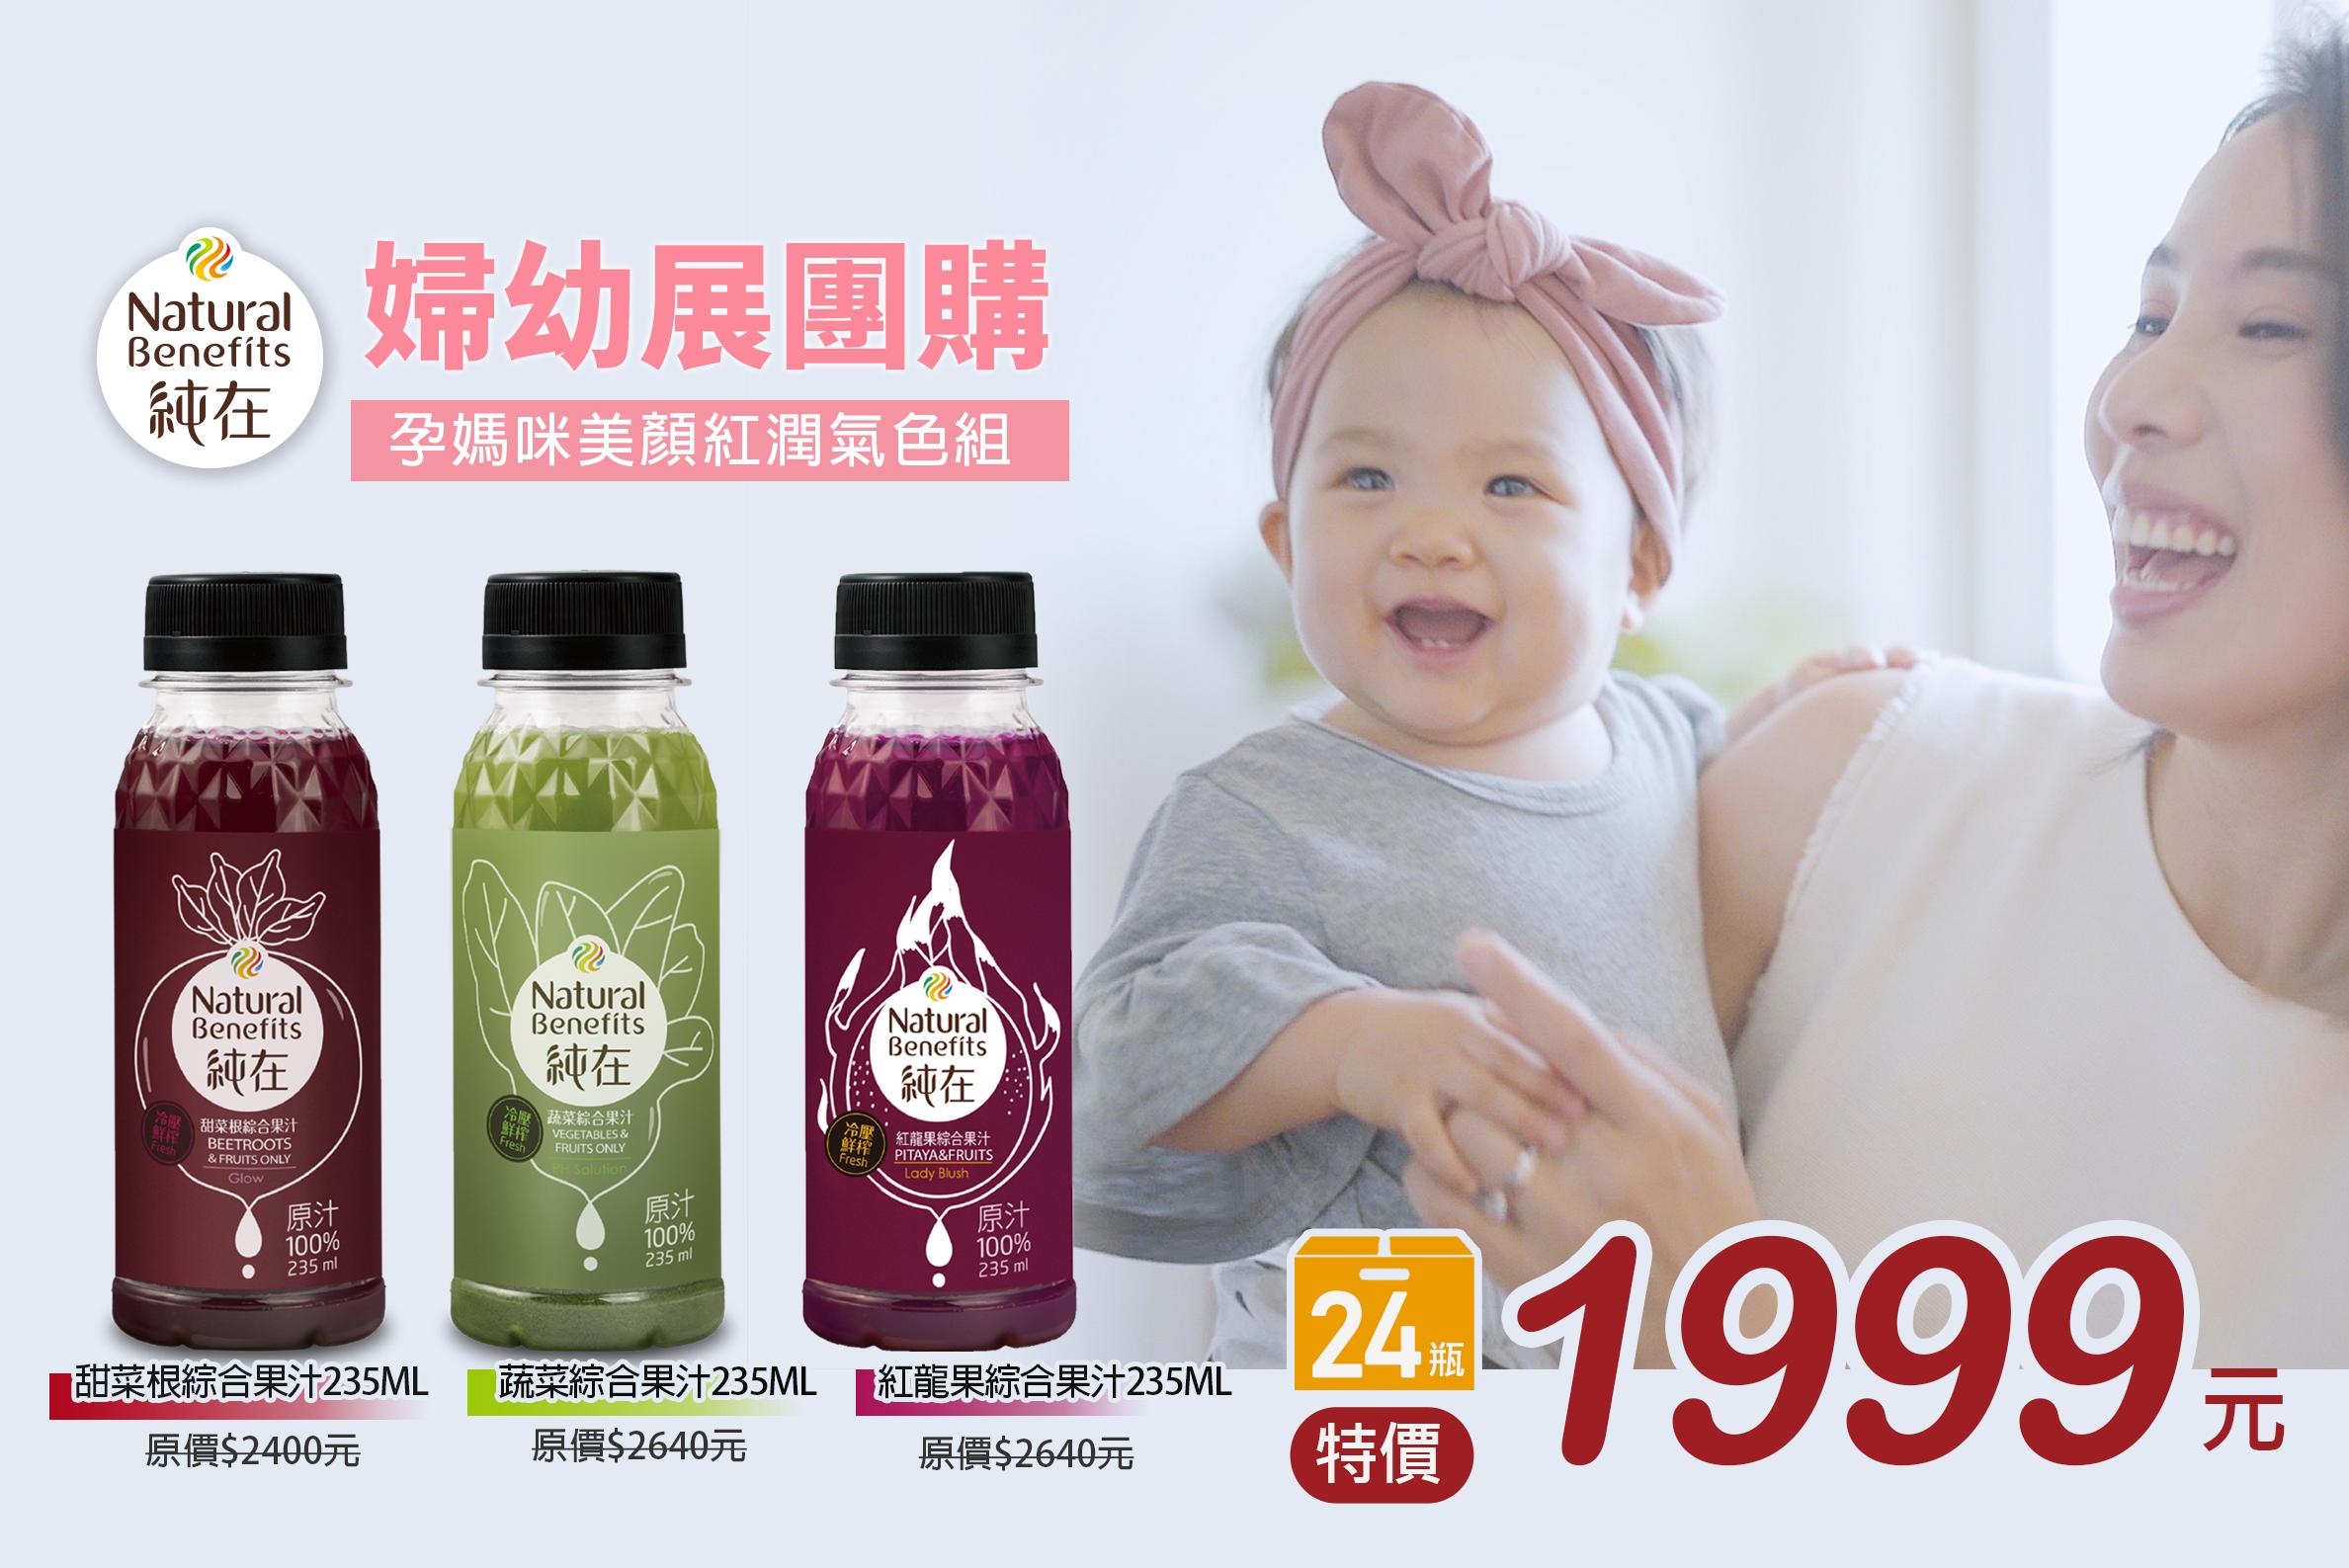 純在冷壓蔬果汁,婦幼展團購,冷壓果汁孕媽咪,孕媽咪美顏氣色紅潤,孕媽咪冷壓蔬果汁